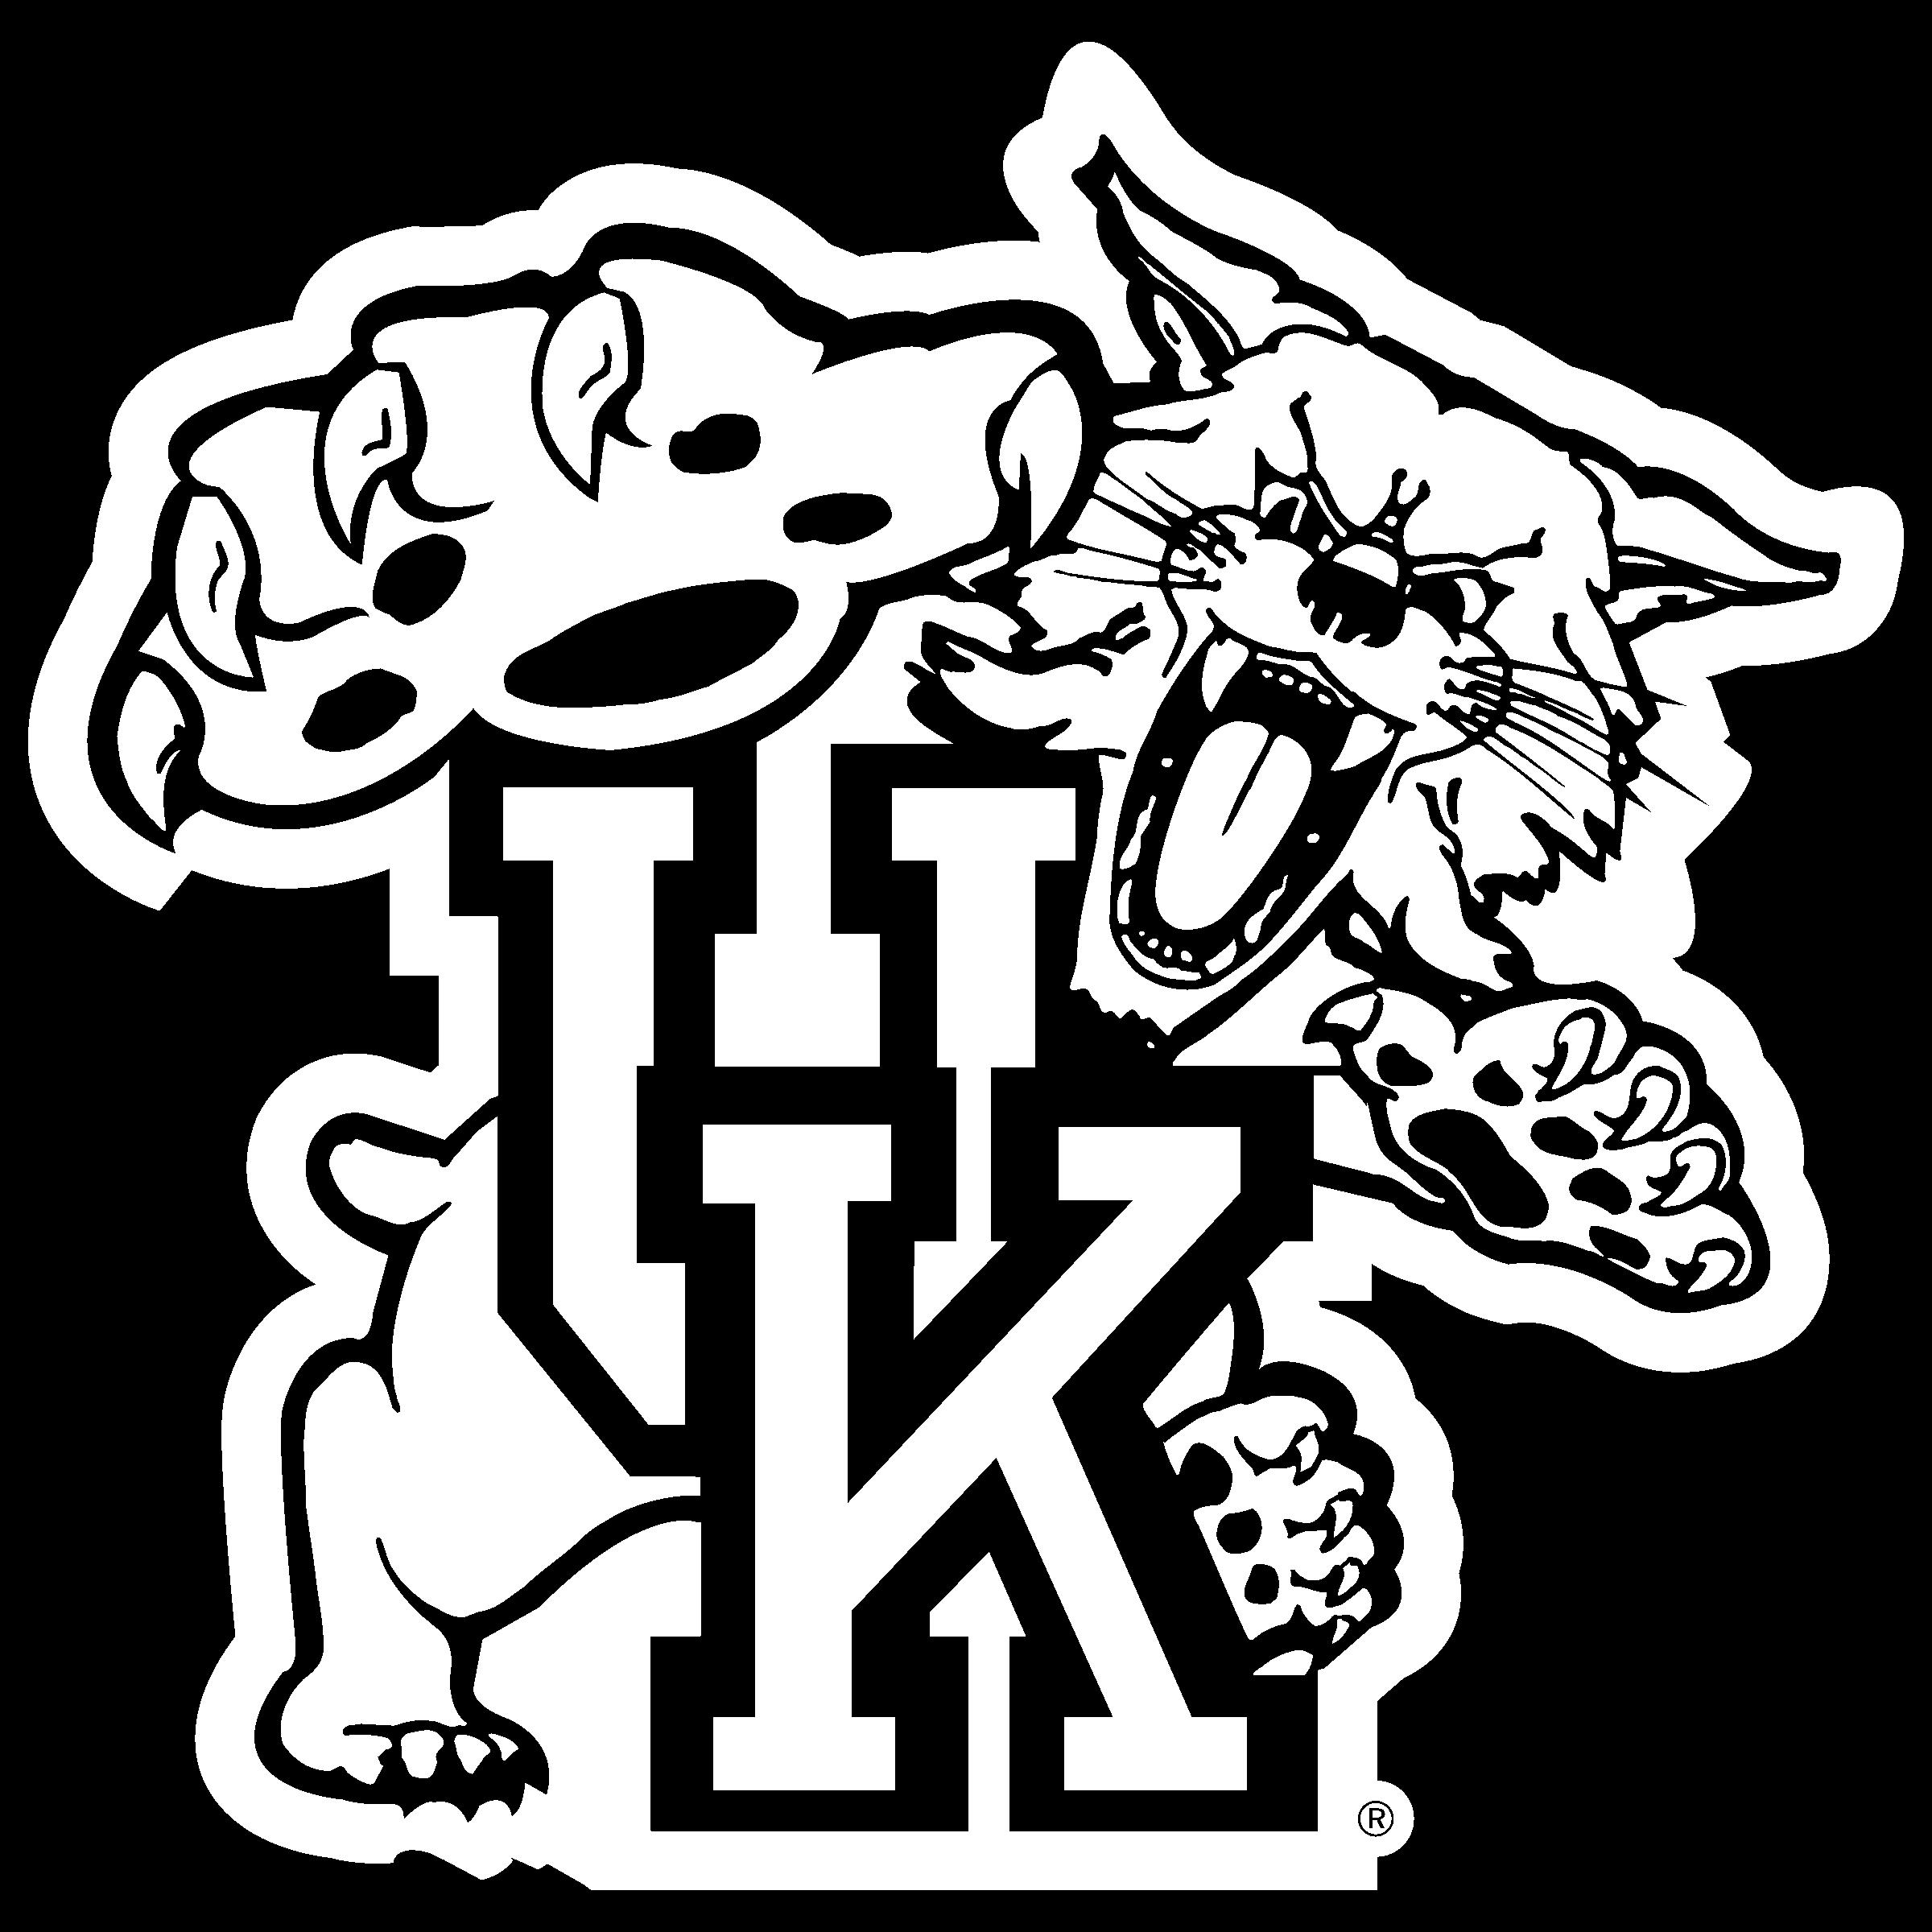 Wildcat clipart wildcat ky. Kentucky wildcats logo png